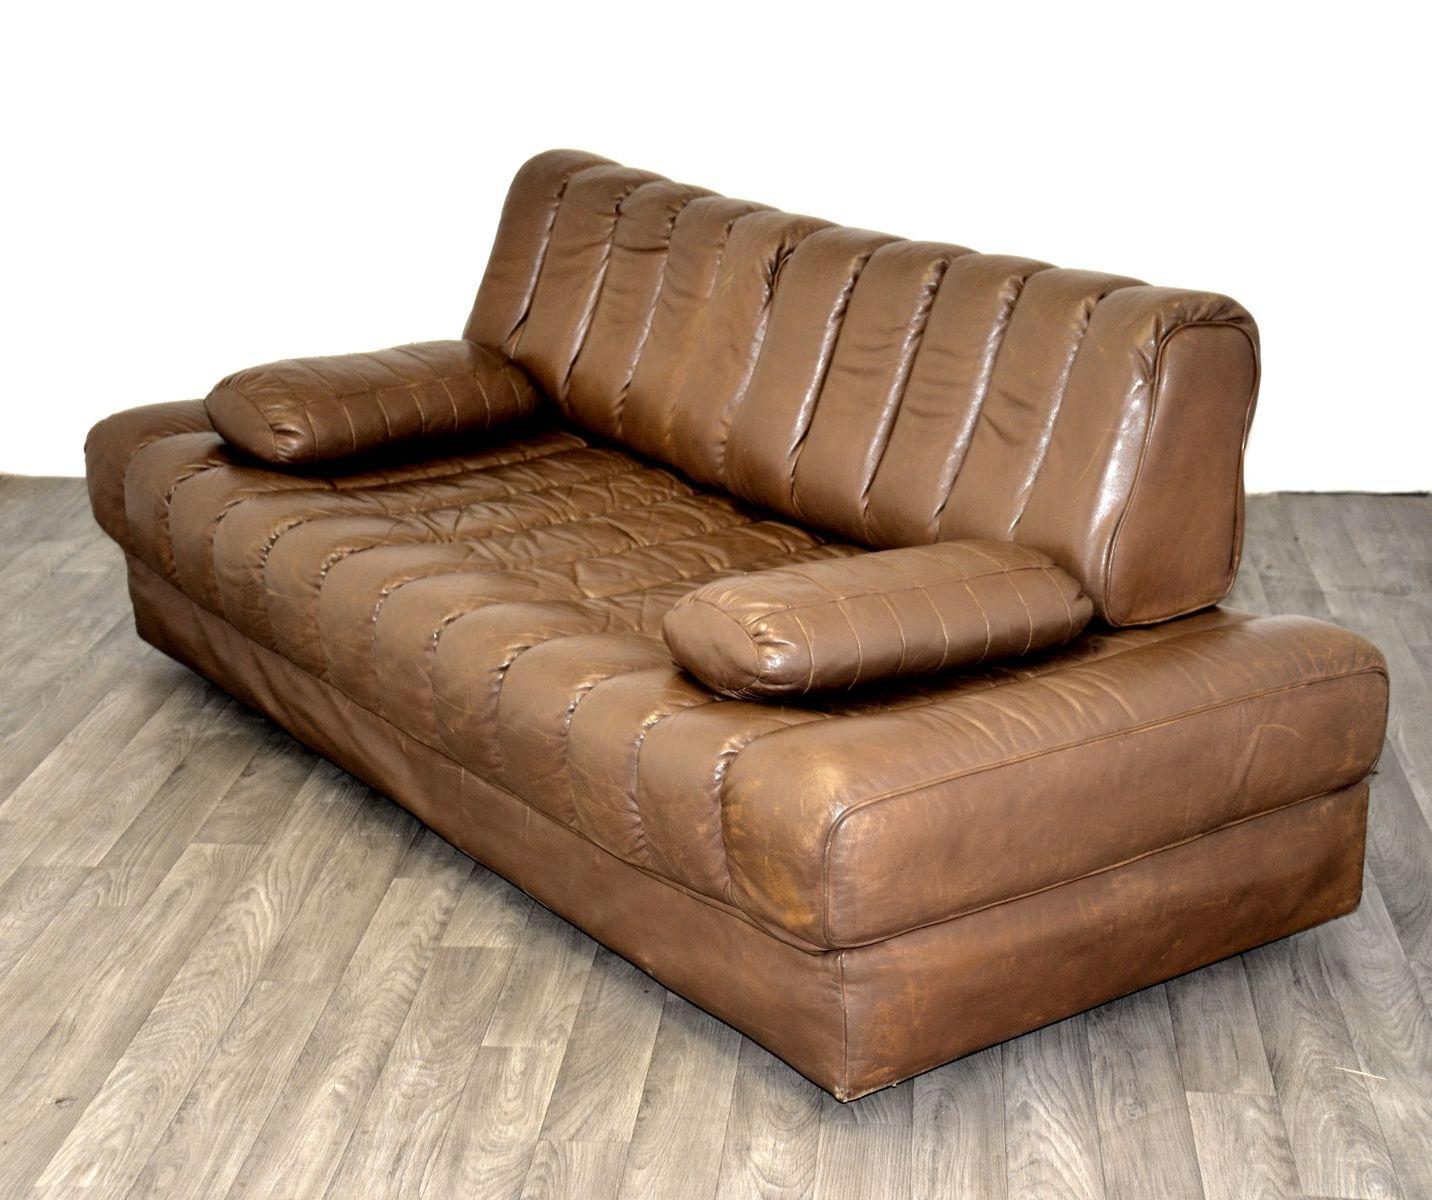 braunes schweizer ds 85 leder schlafsofa von de sede 1960er bei pamono kaufen. Black Bedroom Furniture Sets. Home Design Ideas